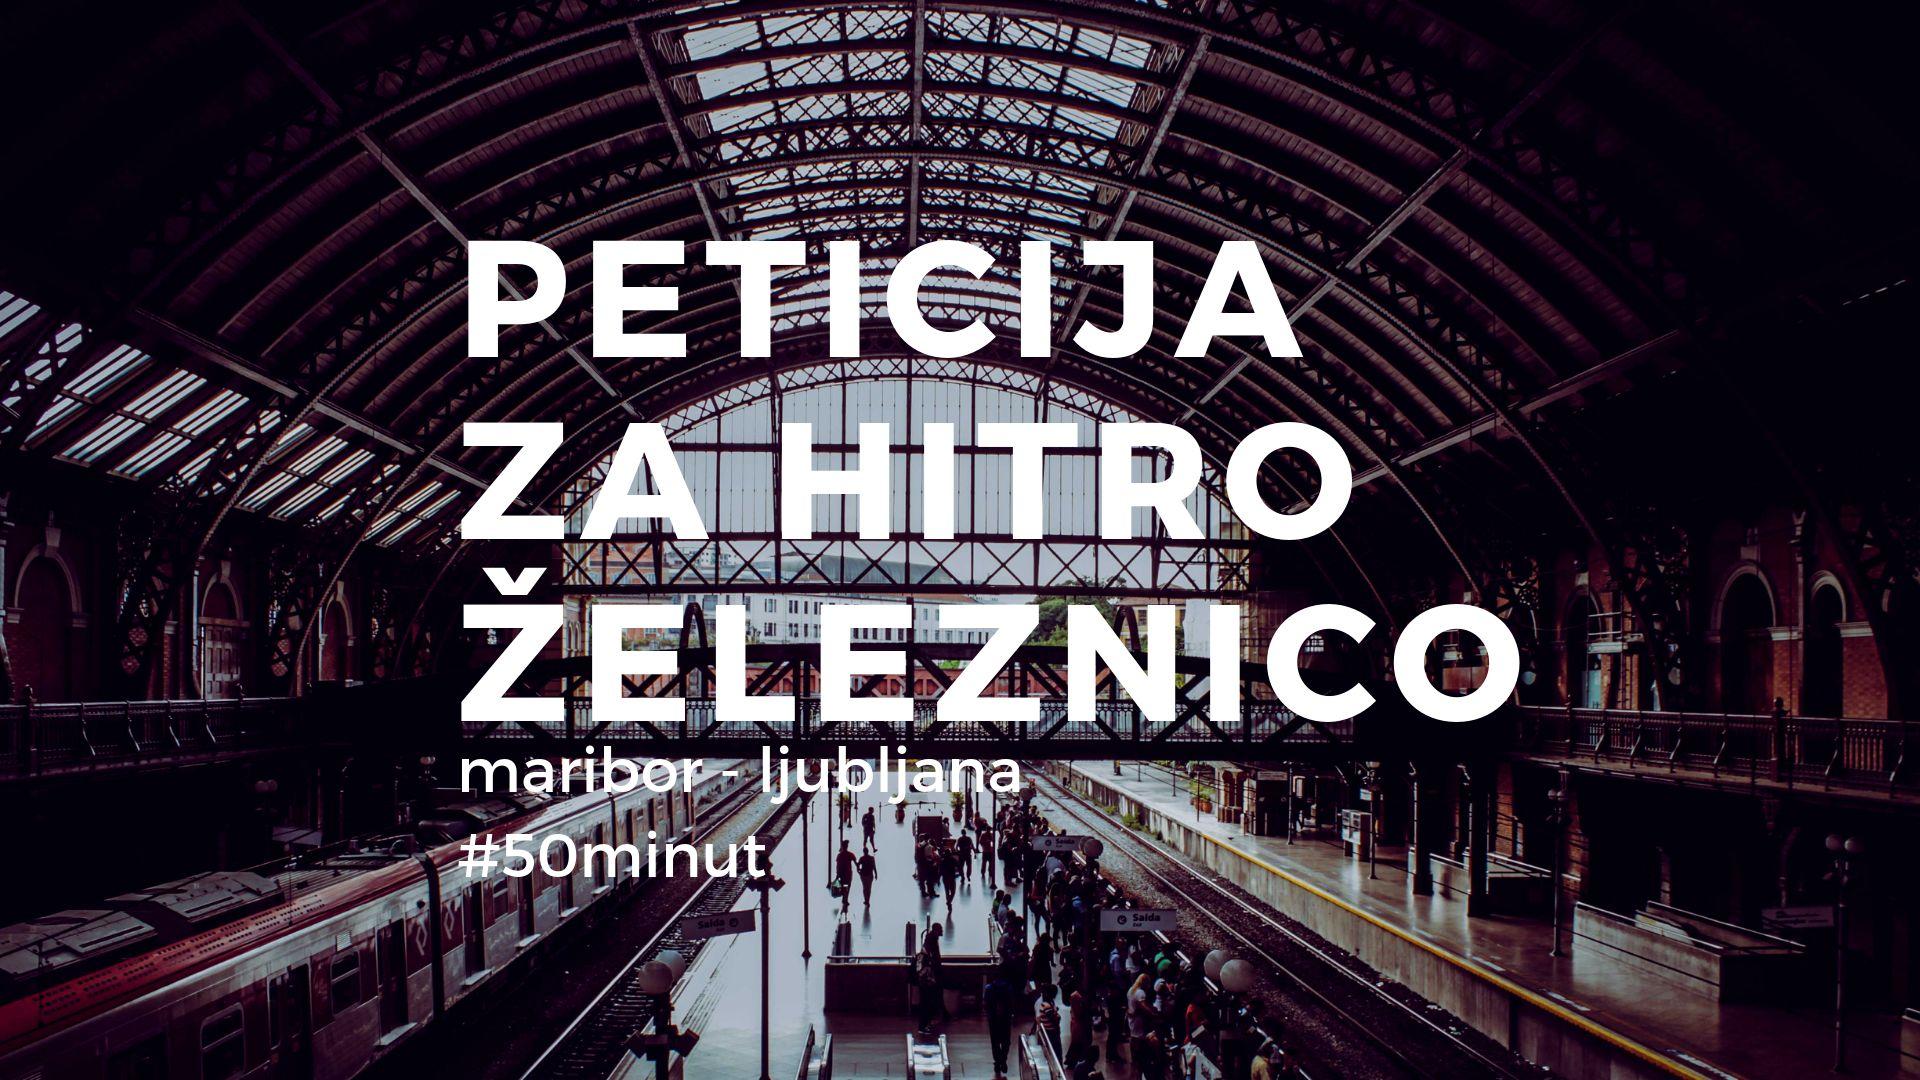 Peticija ZA hitro železnico med Mariborom in Ljubljano